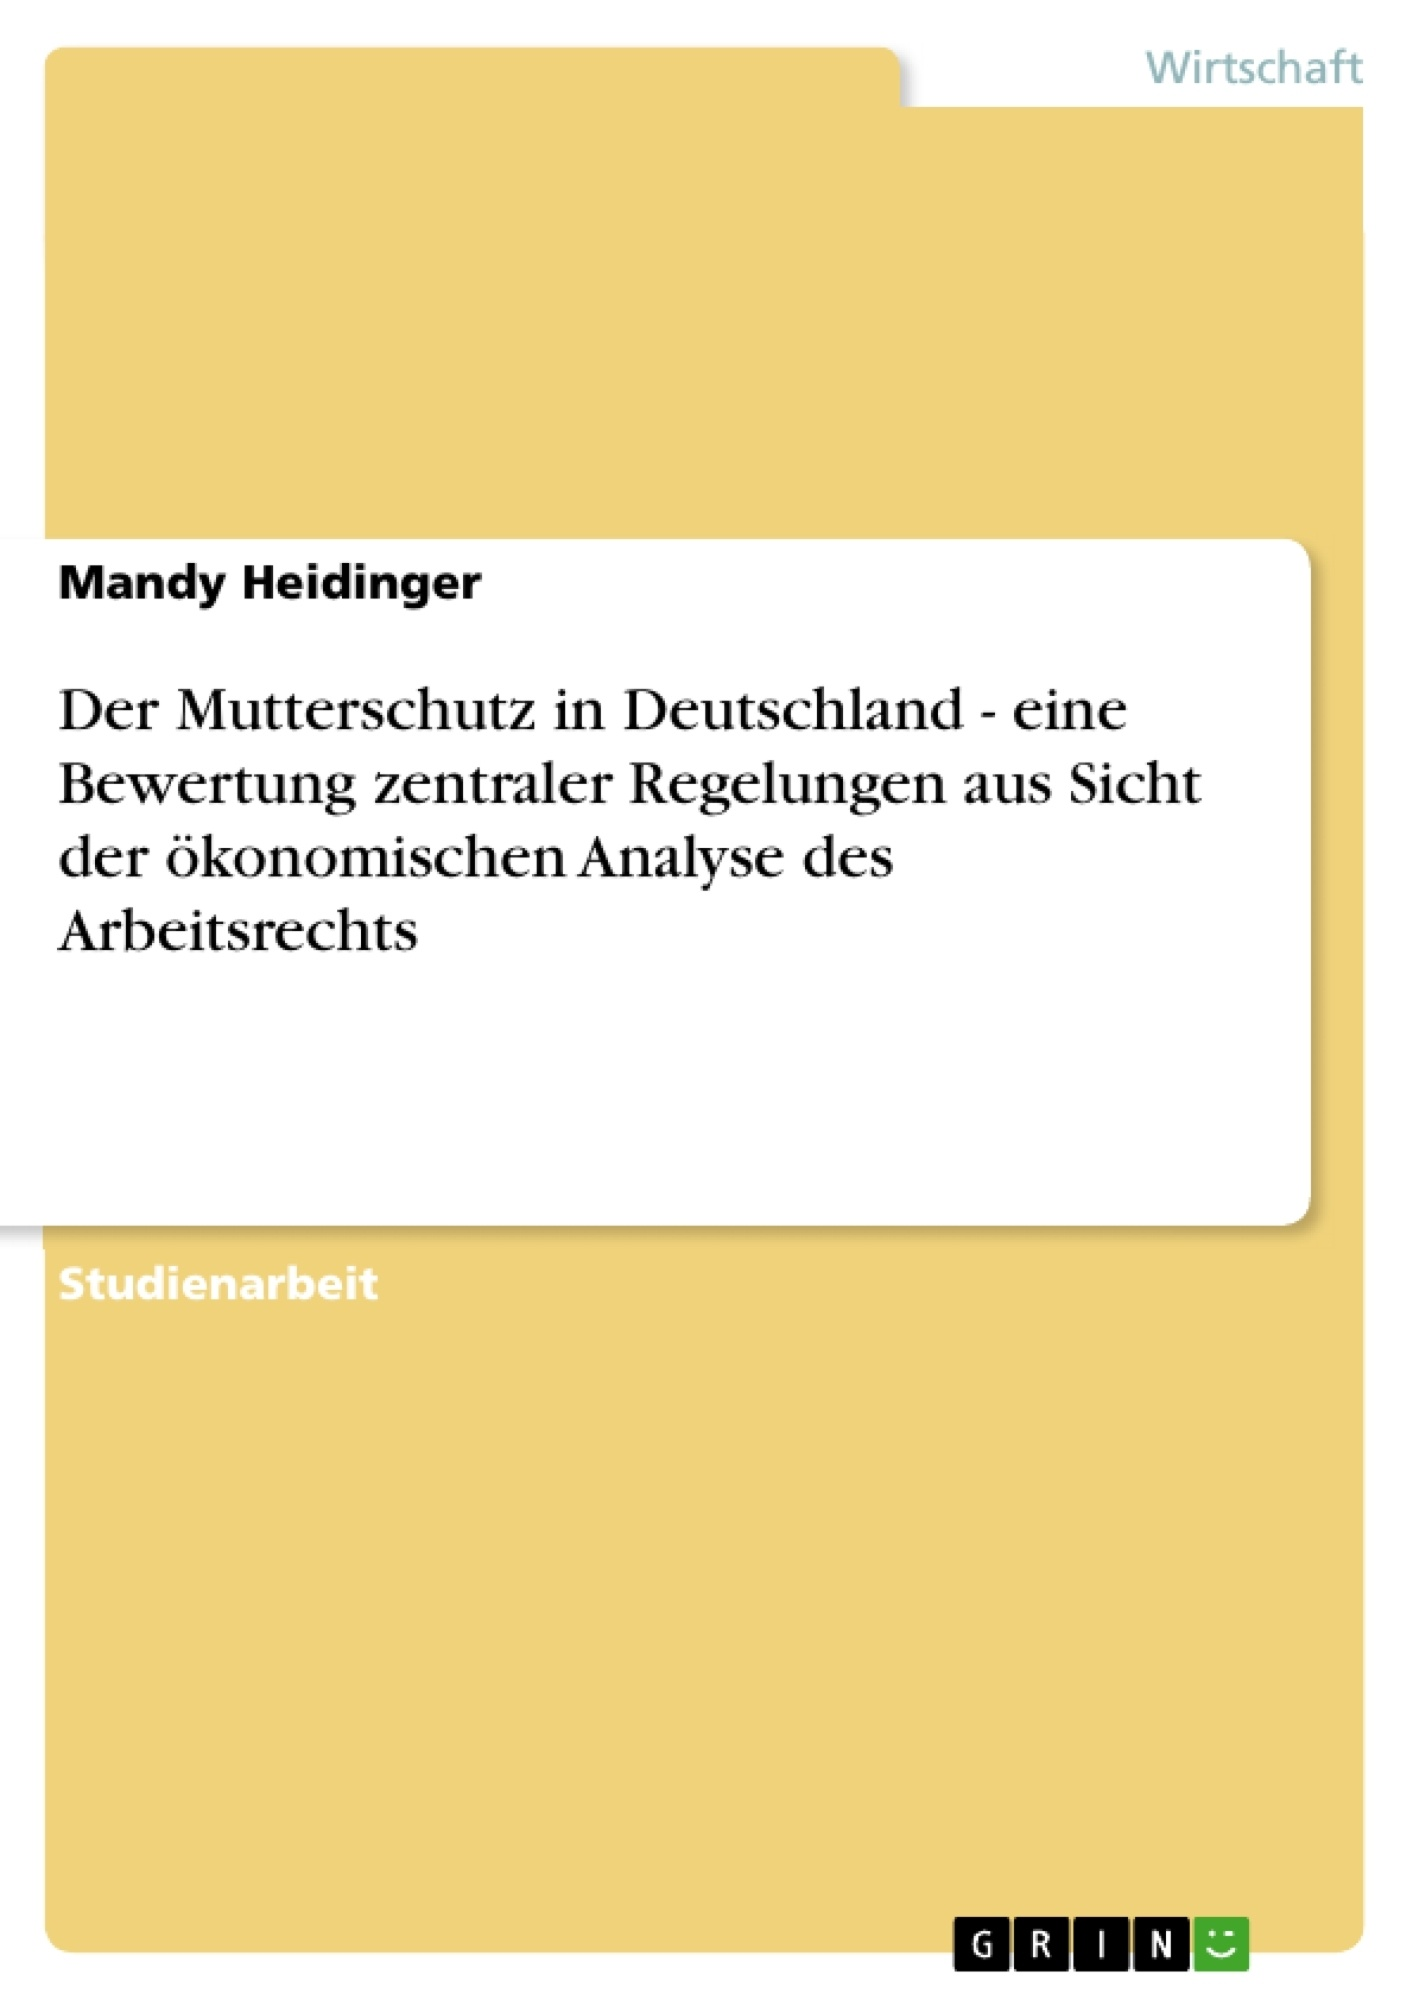 Titel: Der Mutterschutz in Deutschland - eine Bewertung zentraler Regelungen aus Sicht der ökonomischen Analyse des Arbeitsrechts